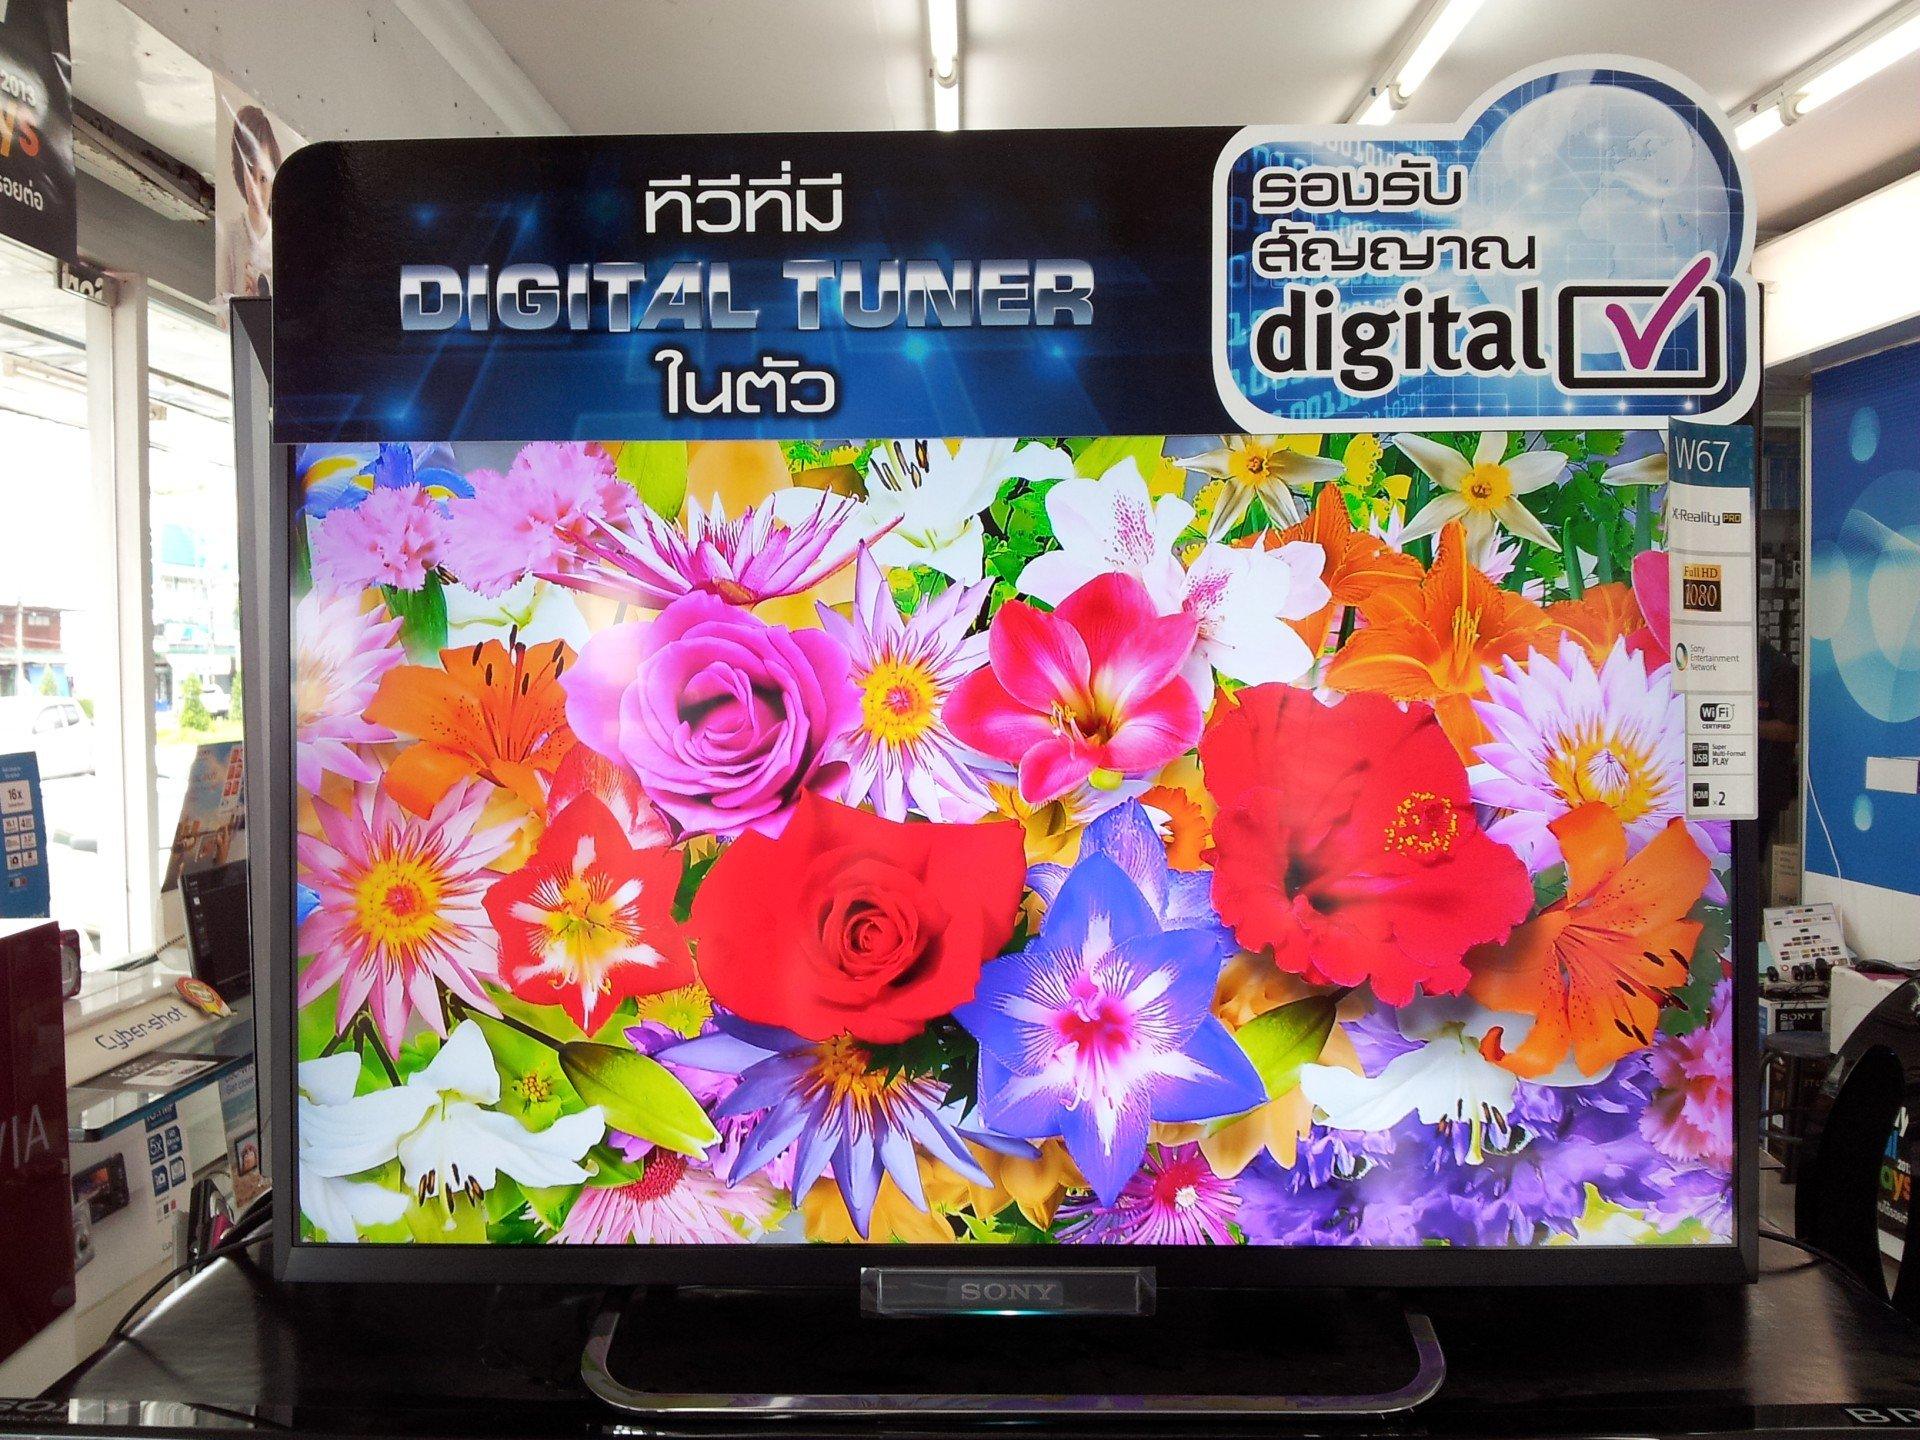 Sony-TV-DVB-T2